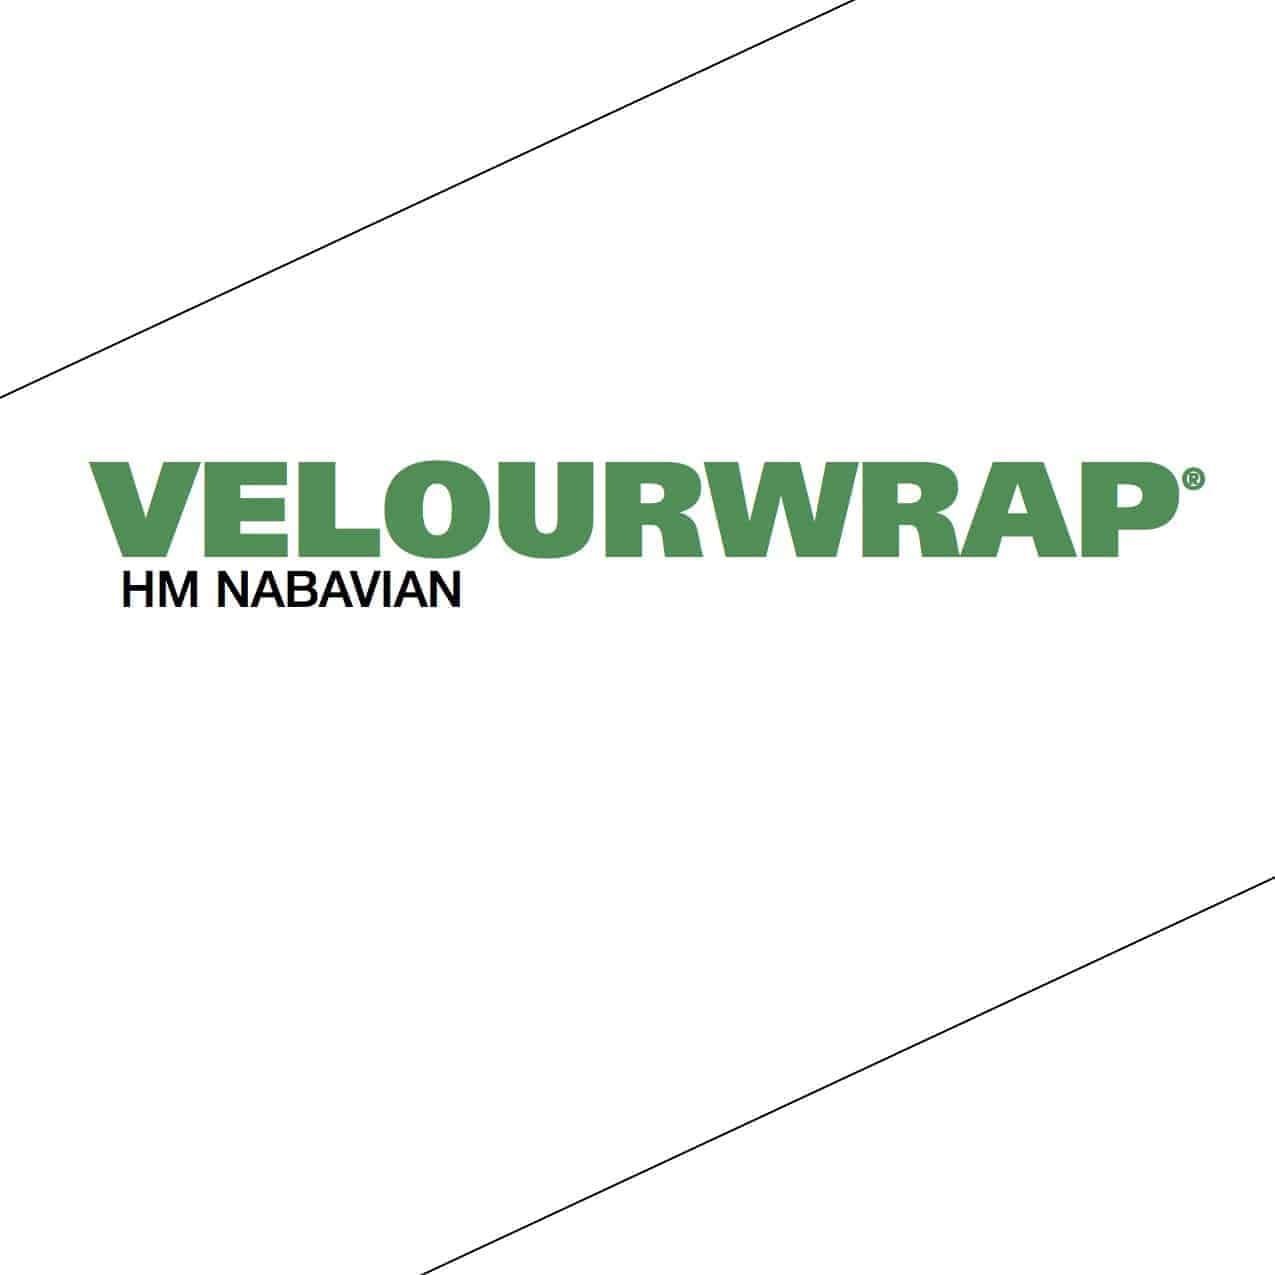 VELOURWRAP™